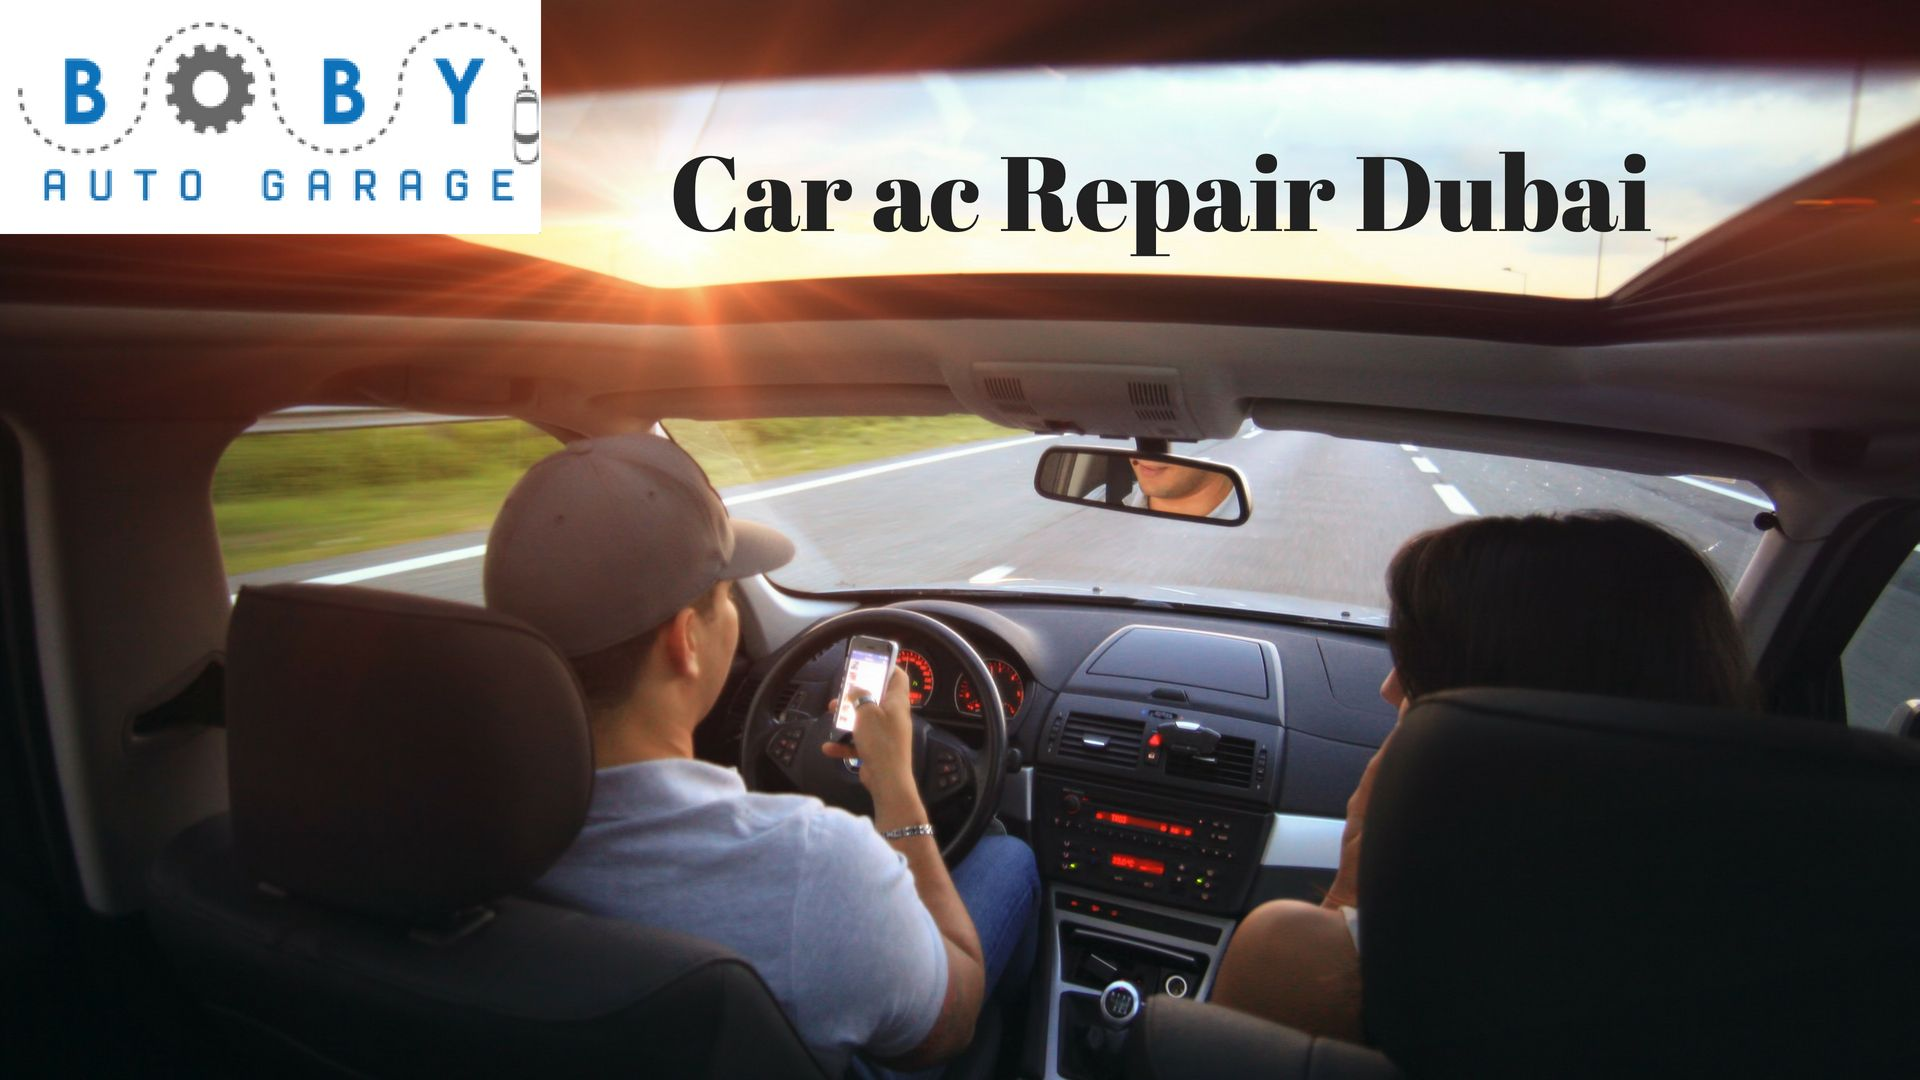 Car AC repair In Dubai, Boby Garage offers the best repair